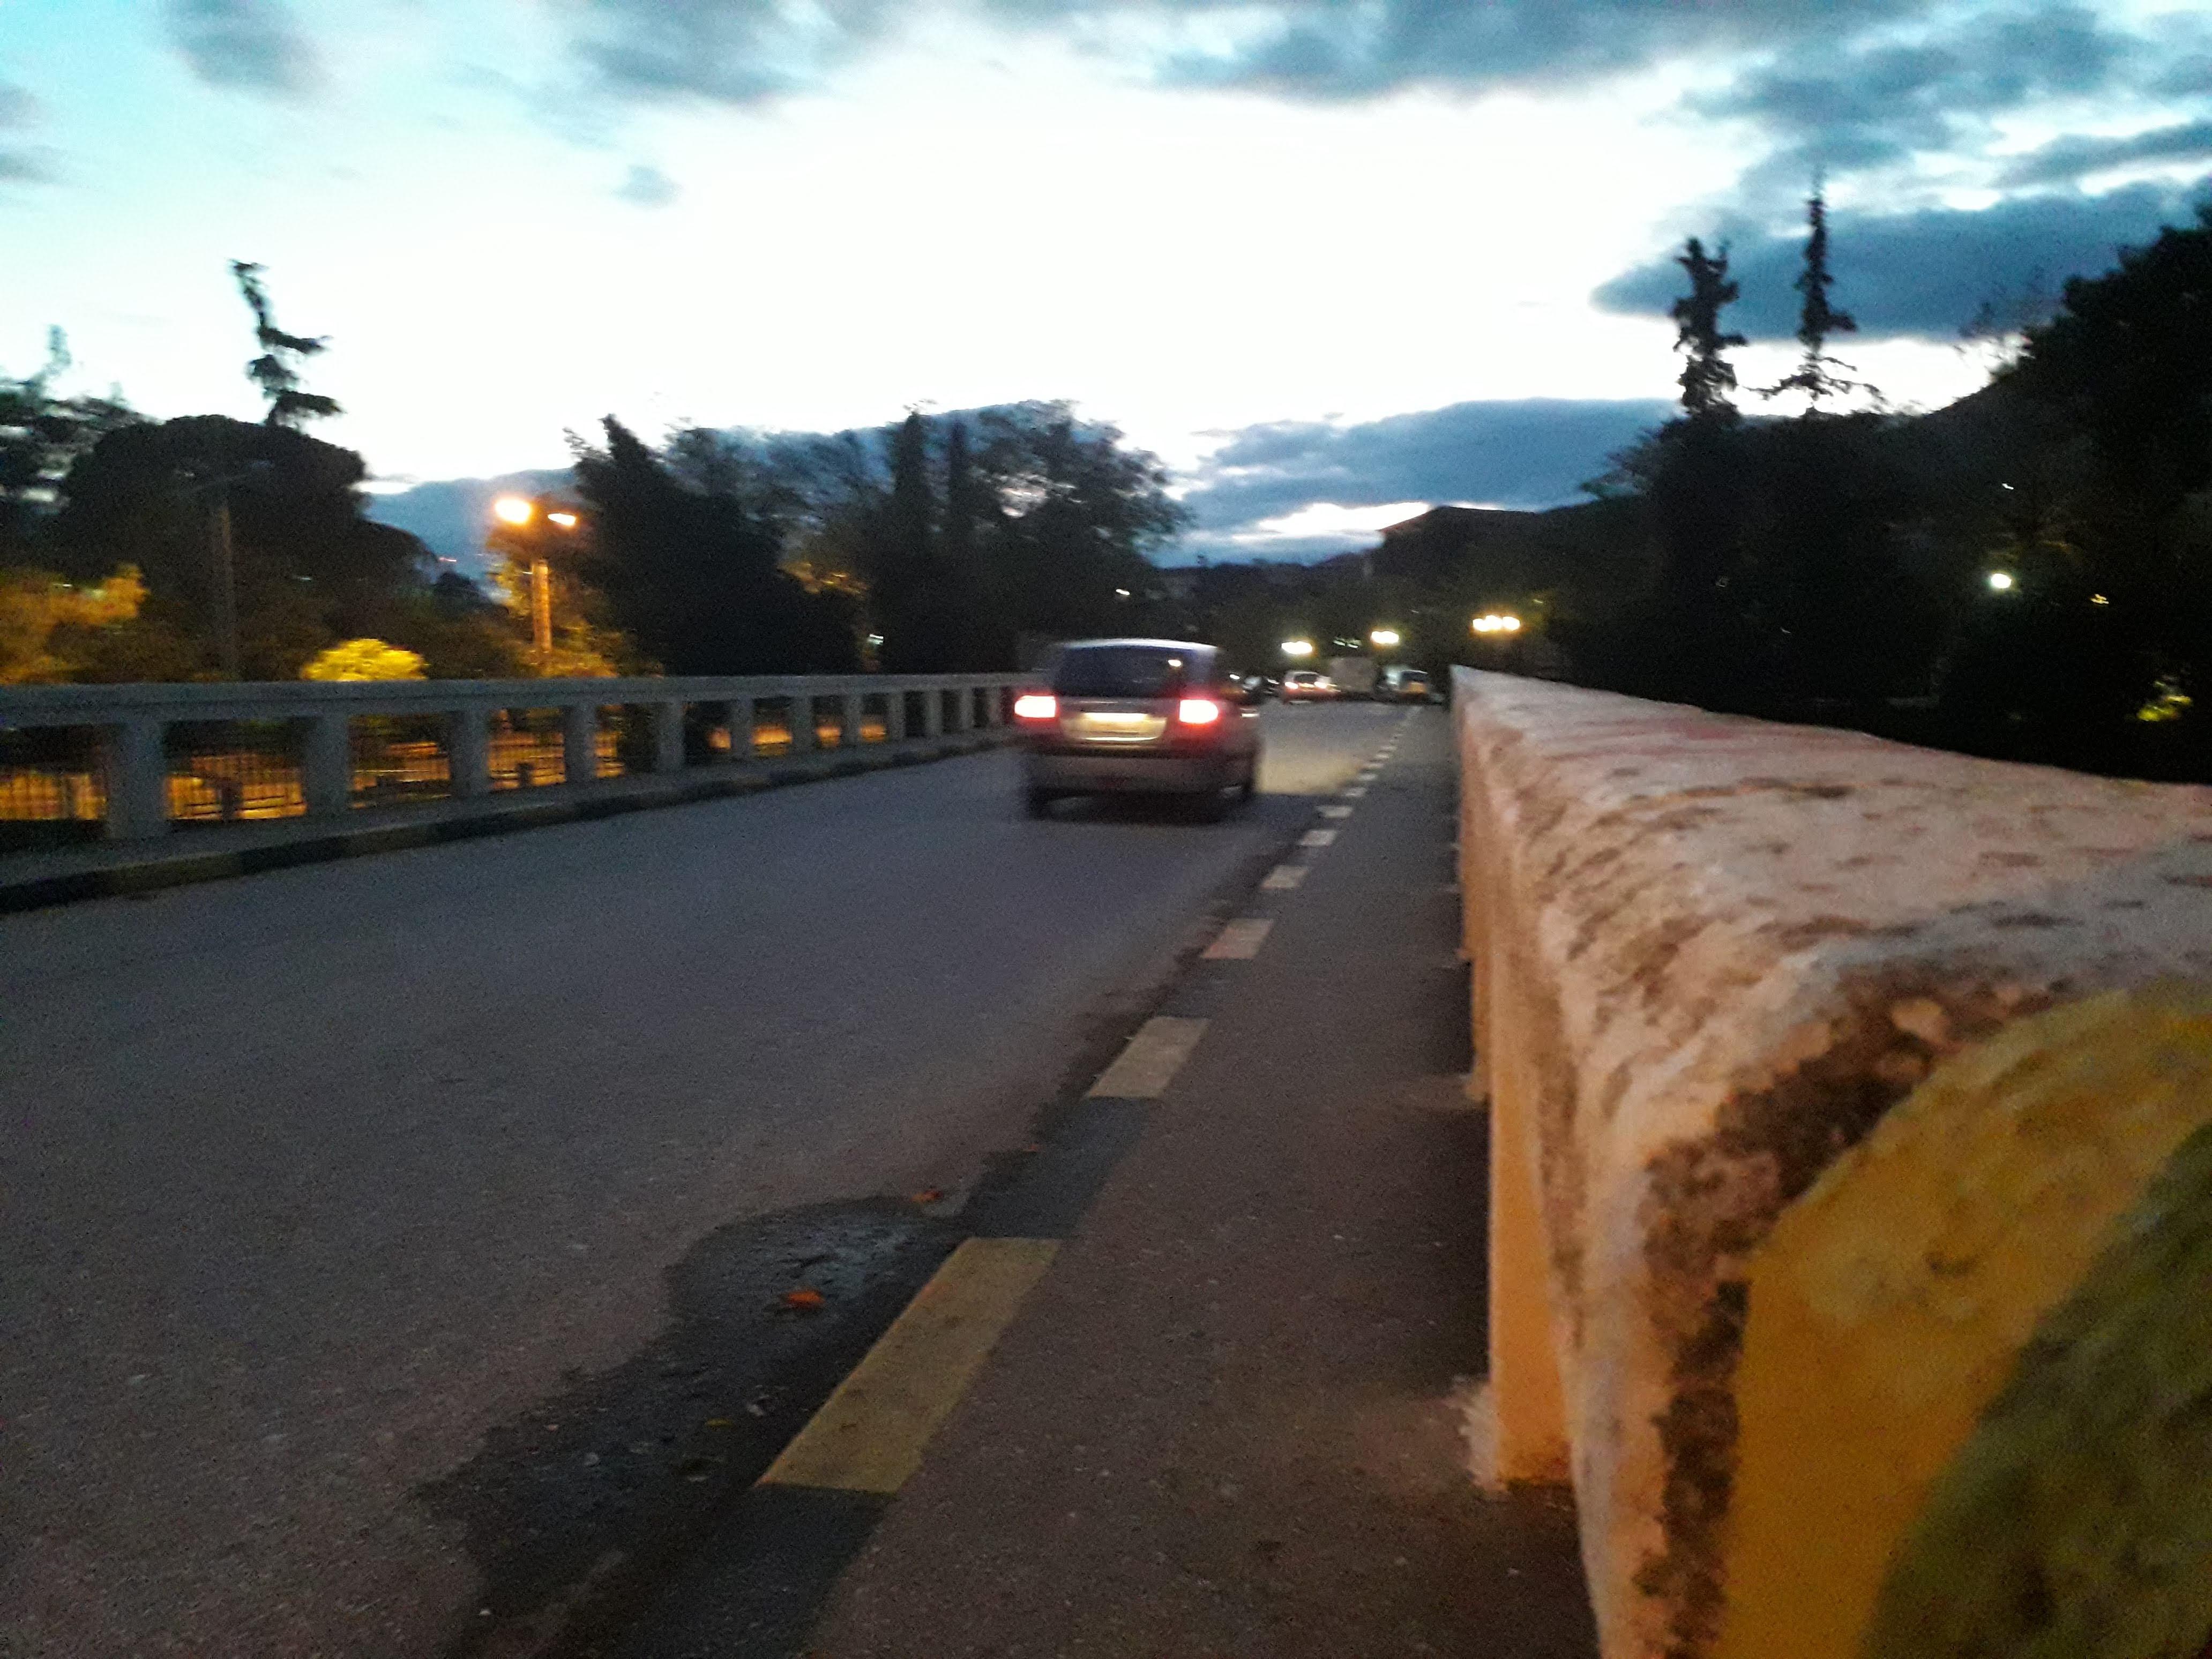 Μετακίνηση εκτός δήμου: Πότε (δεν) επιτρέπεται στο νέο ΦΕΚ